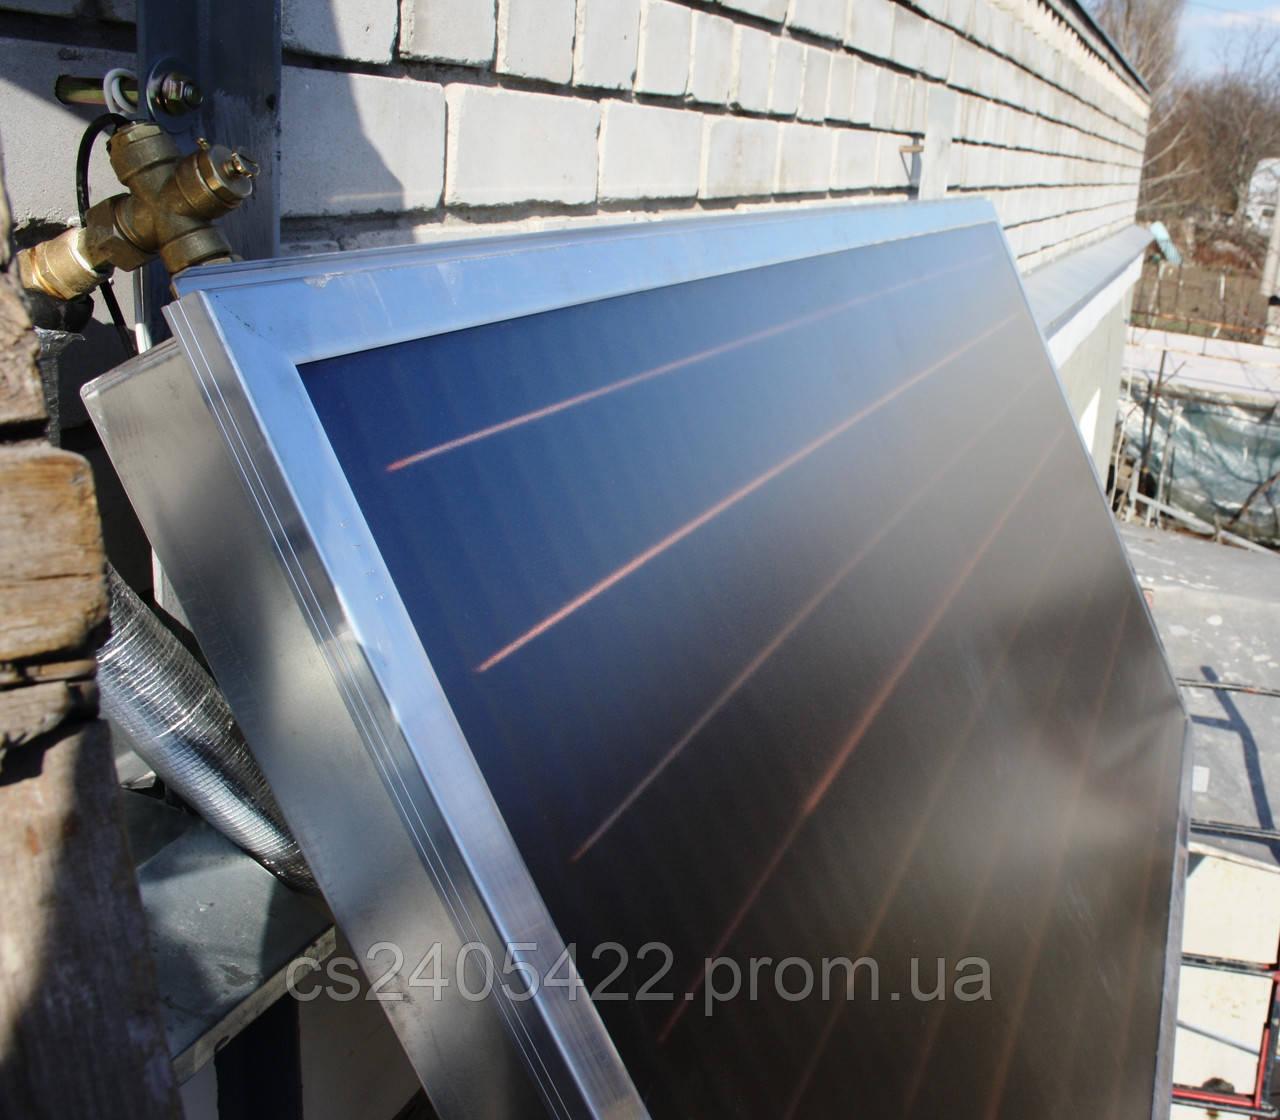 Всесезонная система нагрева воды 120 л. (ГВС), на коллекторе HEWALEX. Реализованный объект в г. Днепр